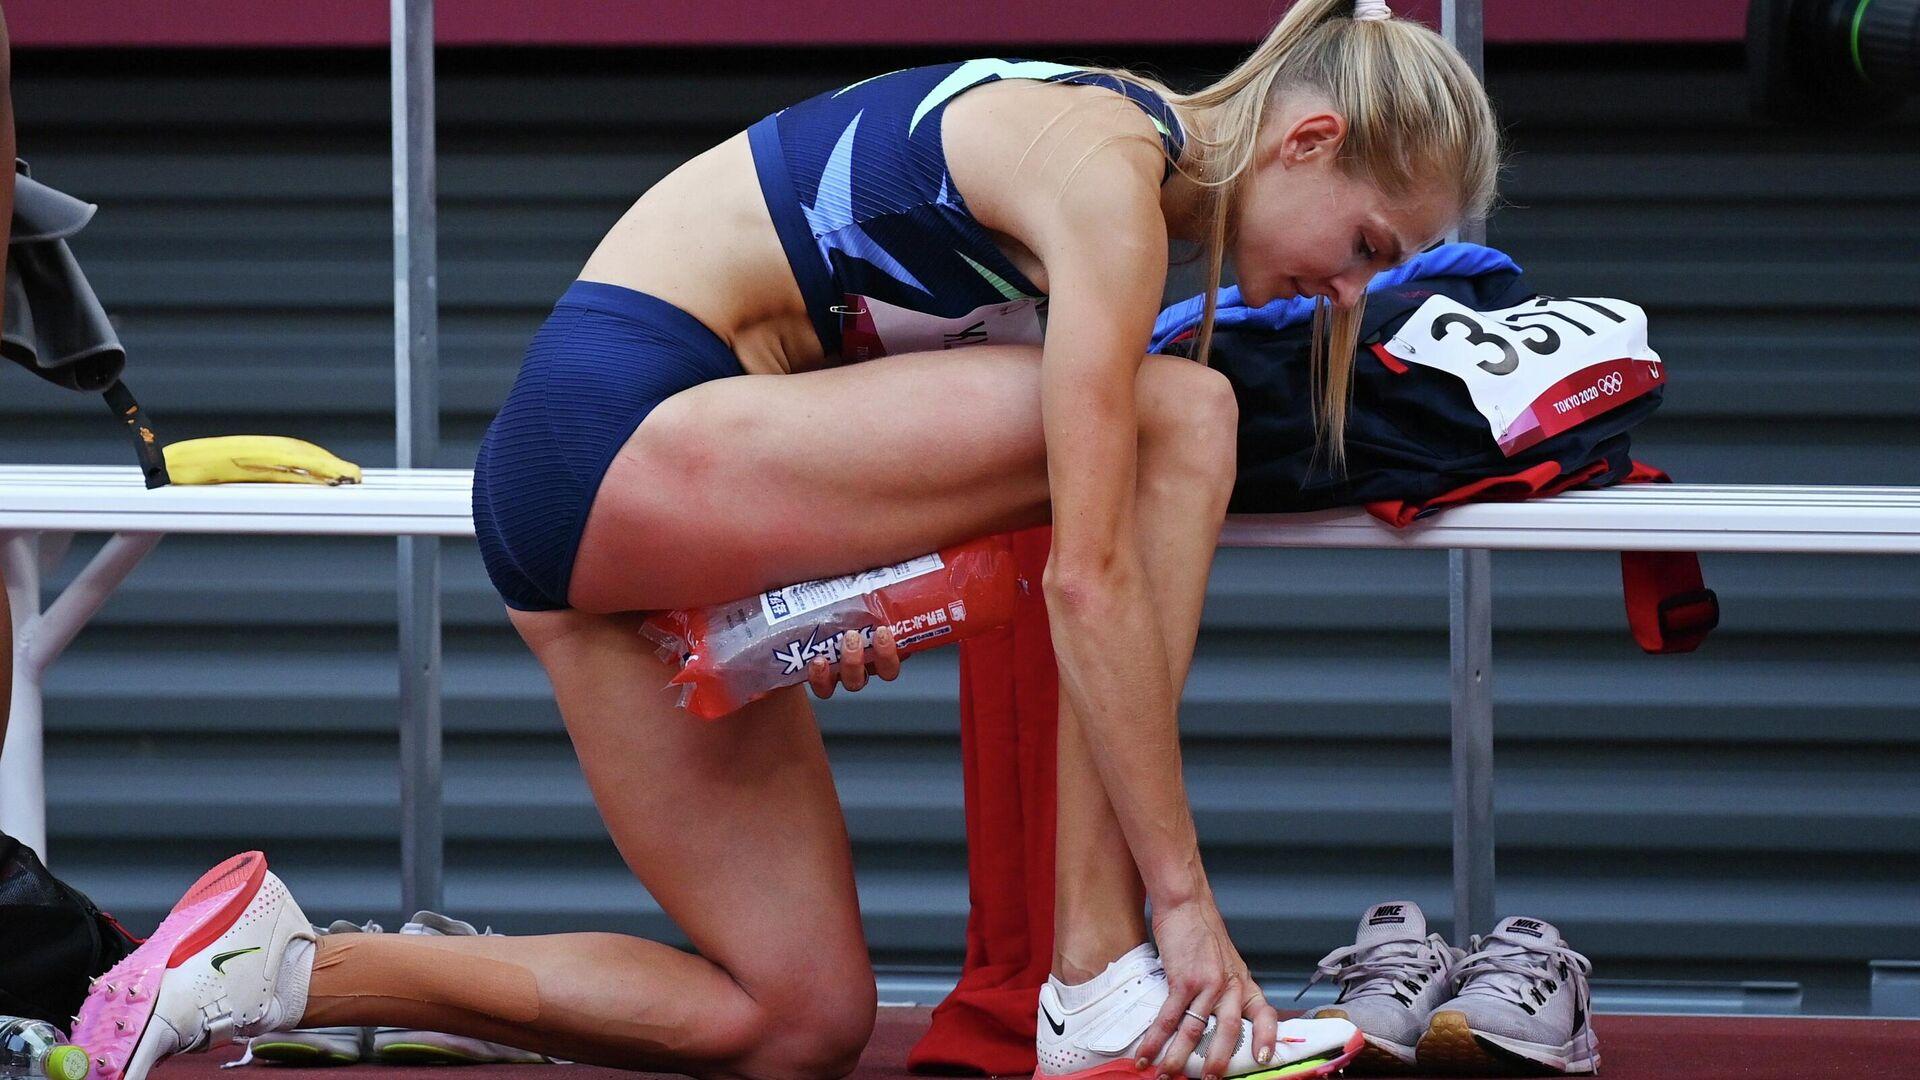 Россиянка Дарья Клишина прижимает лед к ноге на соревнования по прыжкам в длину на Олимпиаде в Токио - РИА Новости, 1920, 01.08.2021